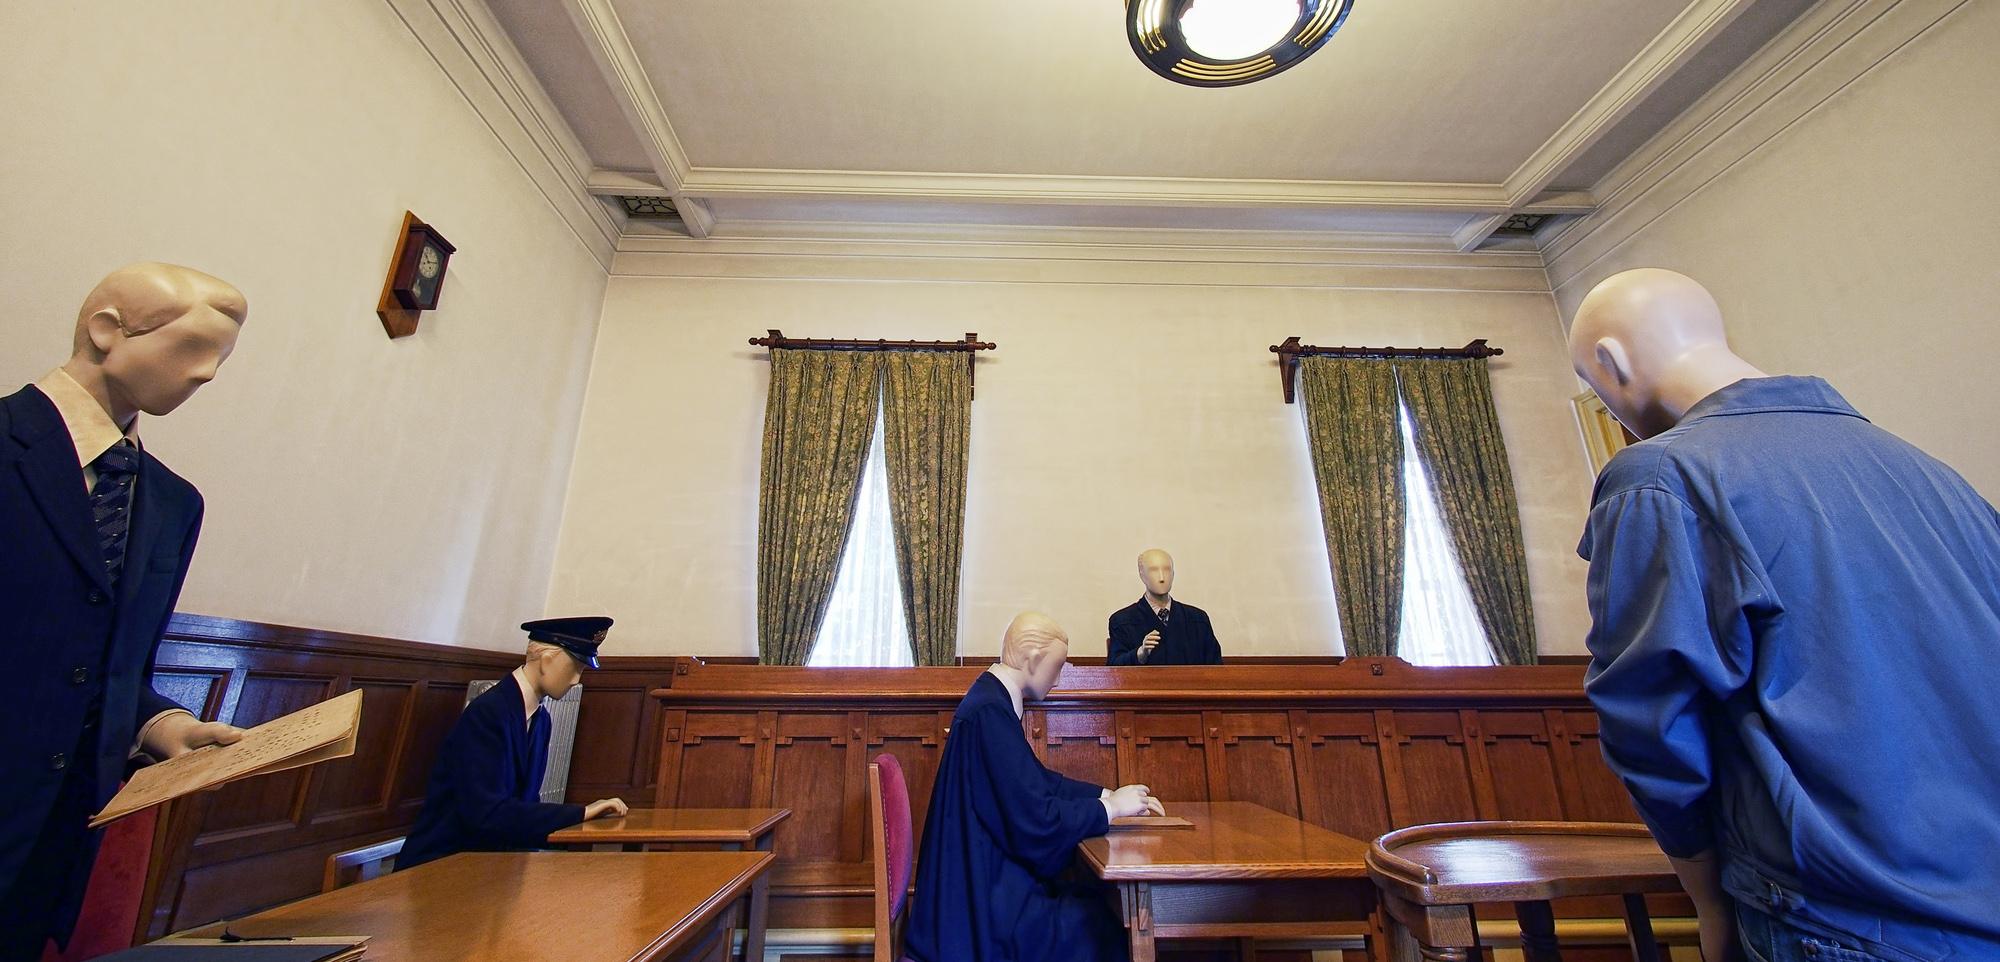 検事の仕事内容と役割 なるための方法や給与 勤務体系を解説